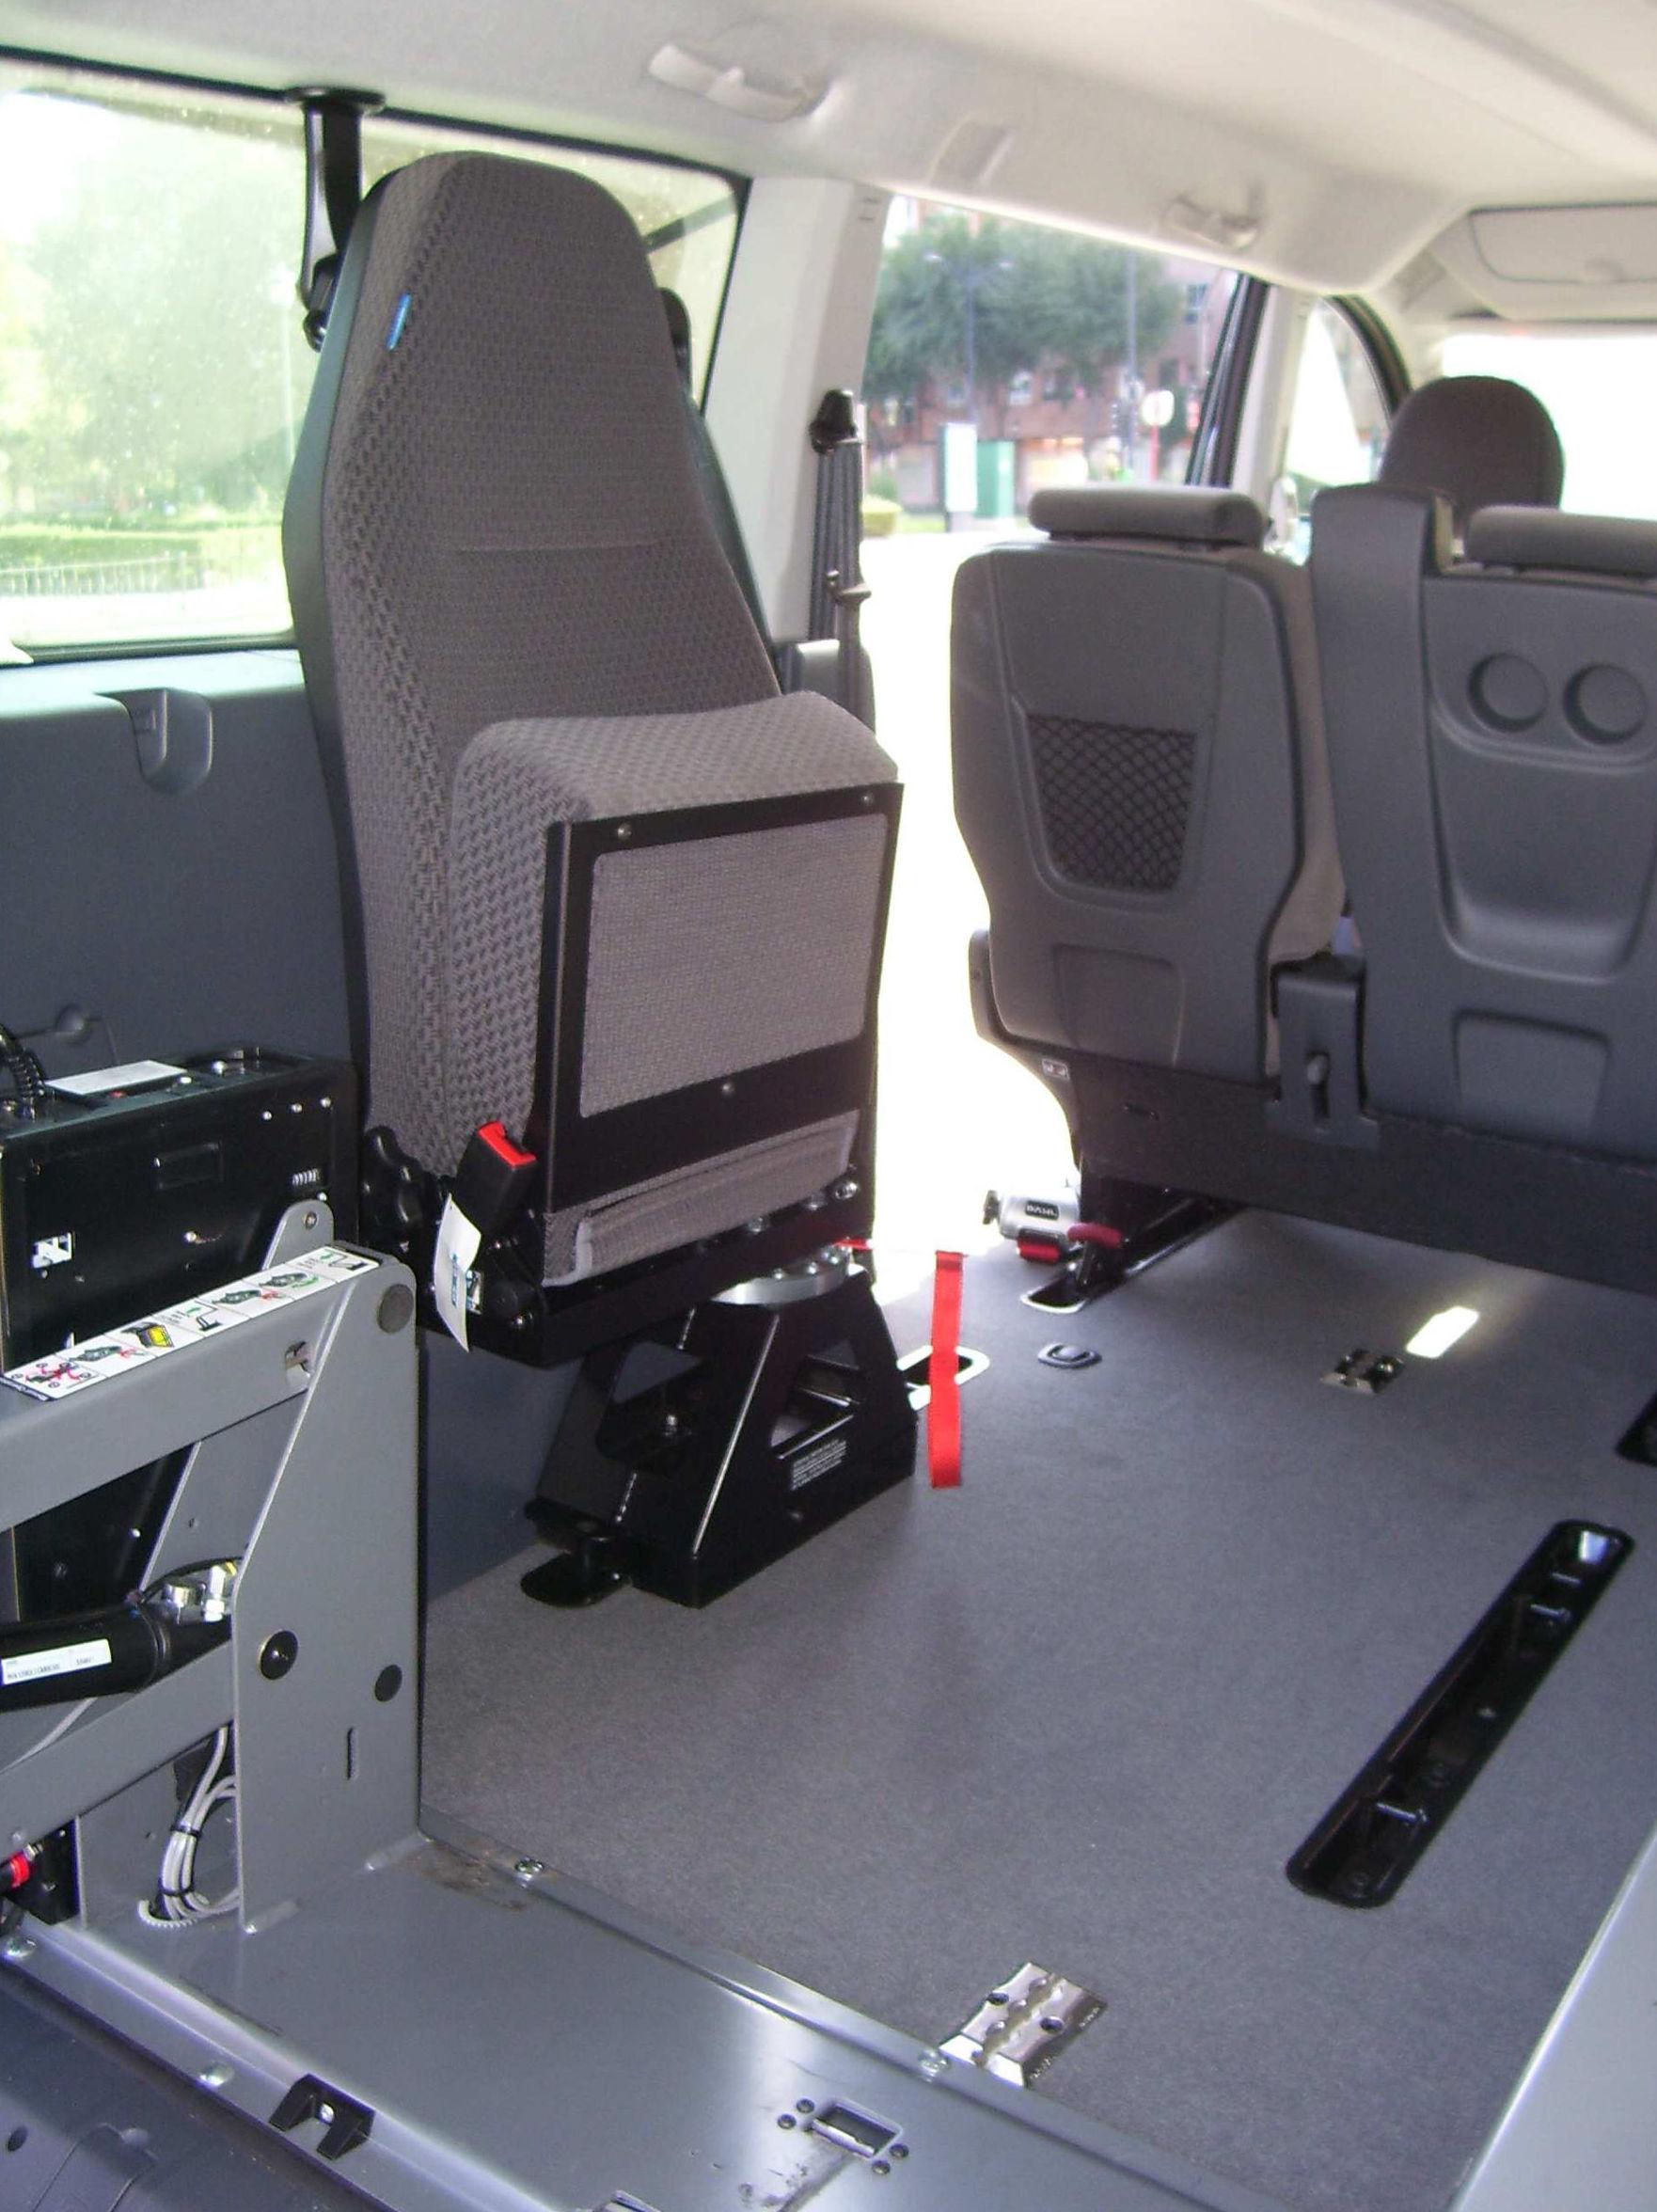 Instalación de butaca plegable para el embarque en el vehículo